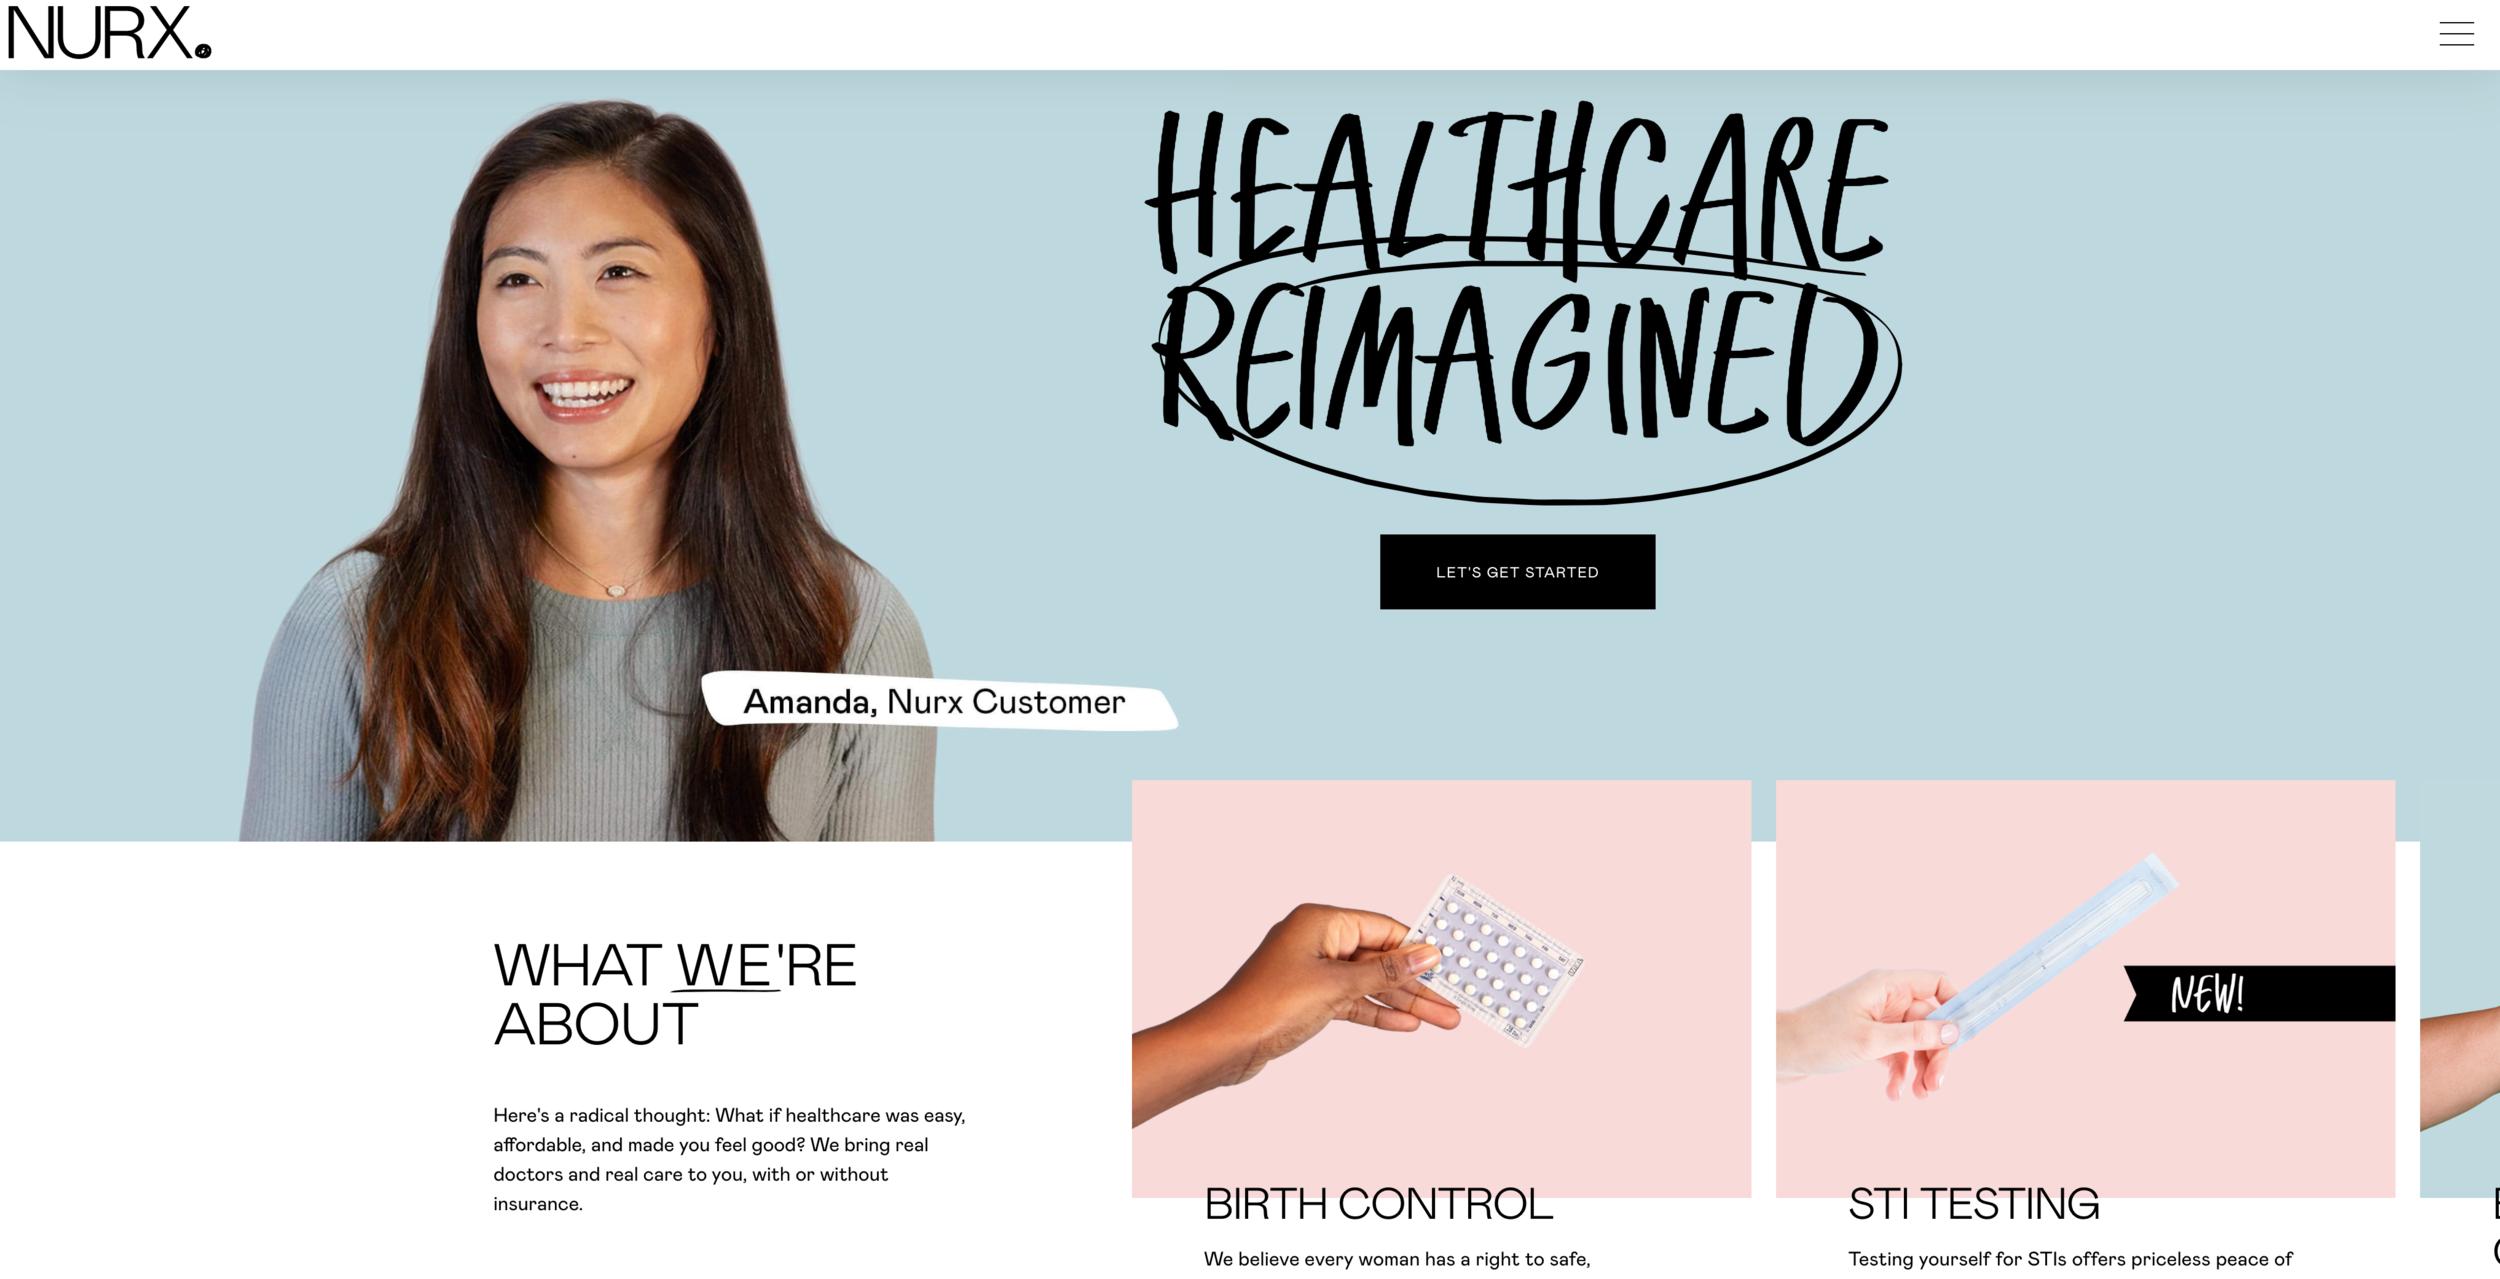 nurx-homepage.png